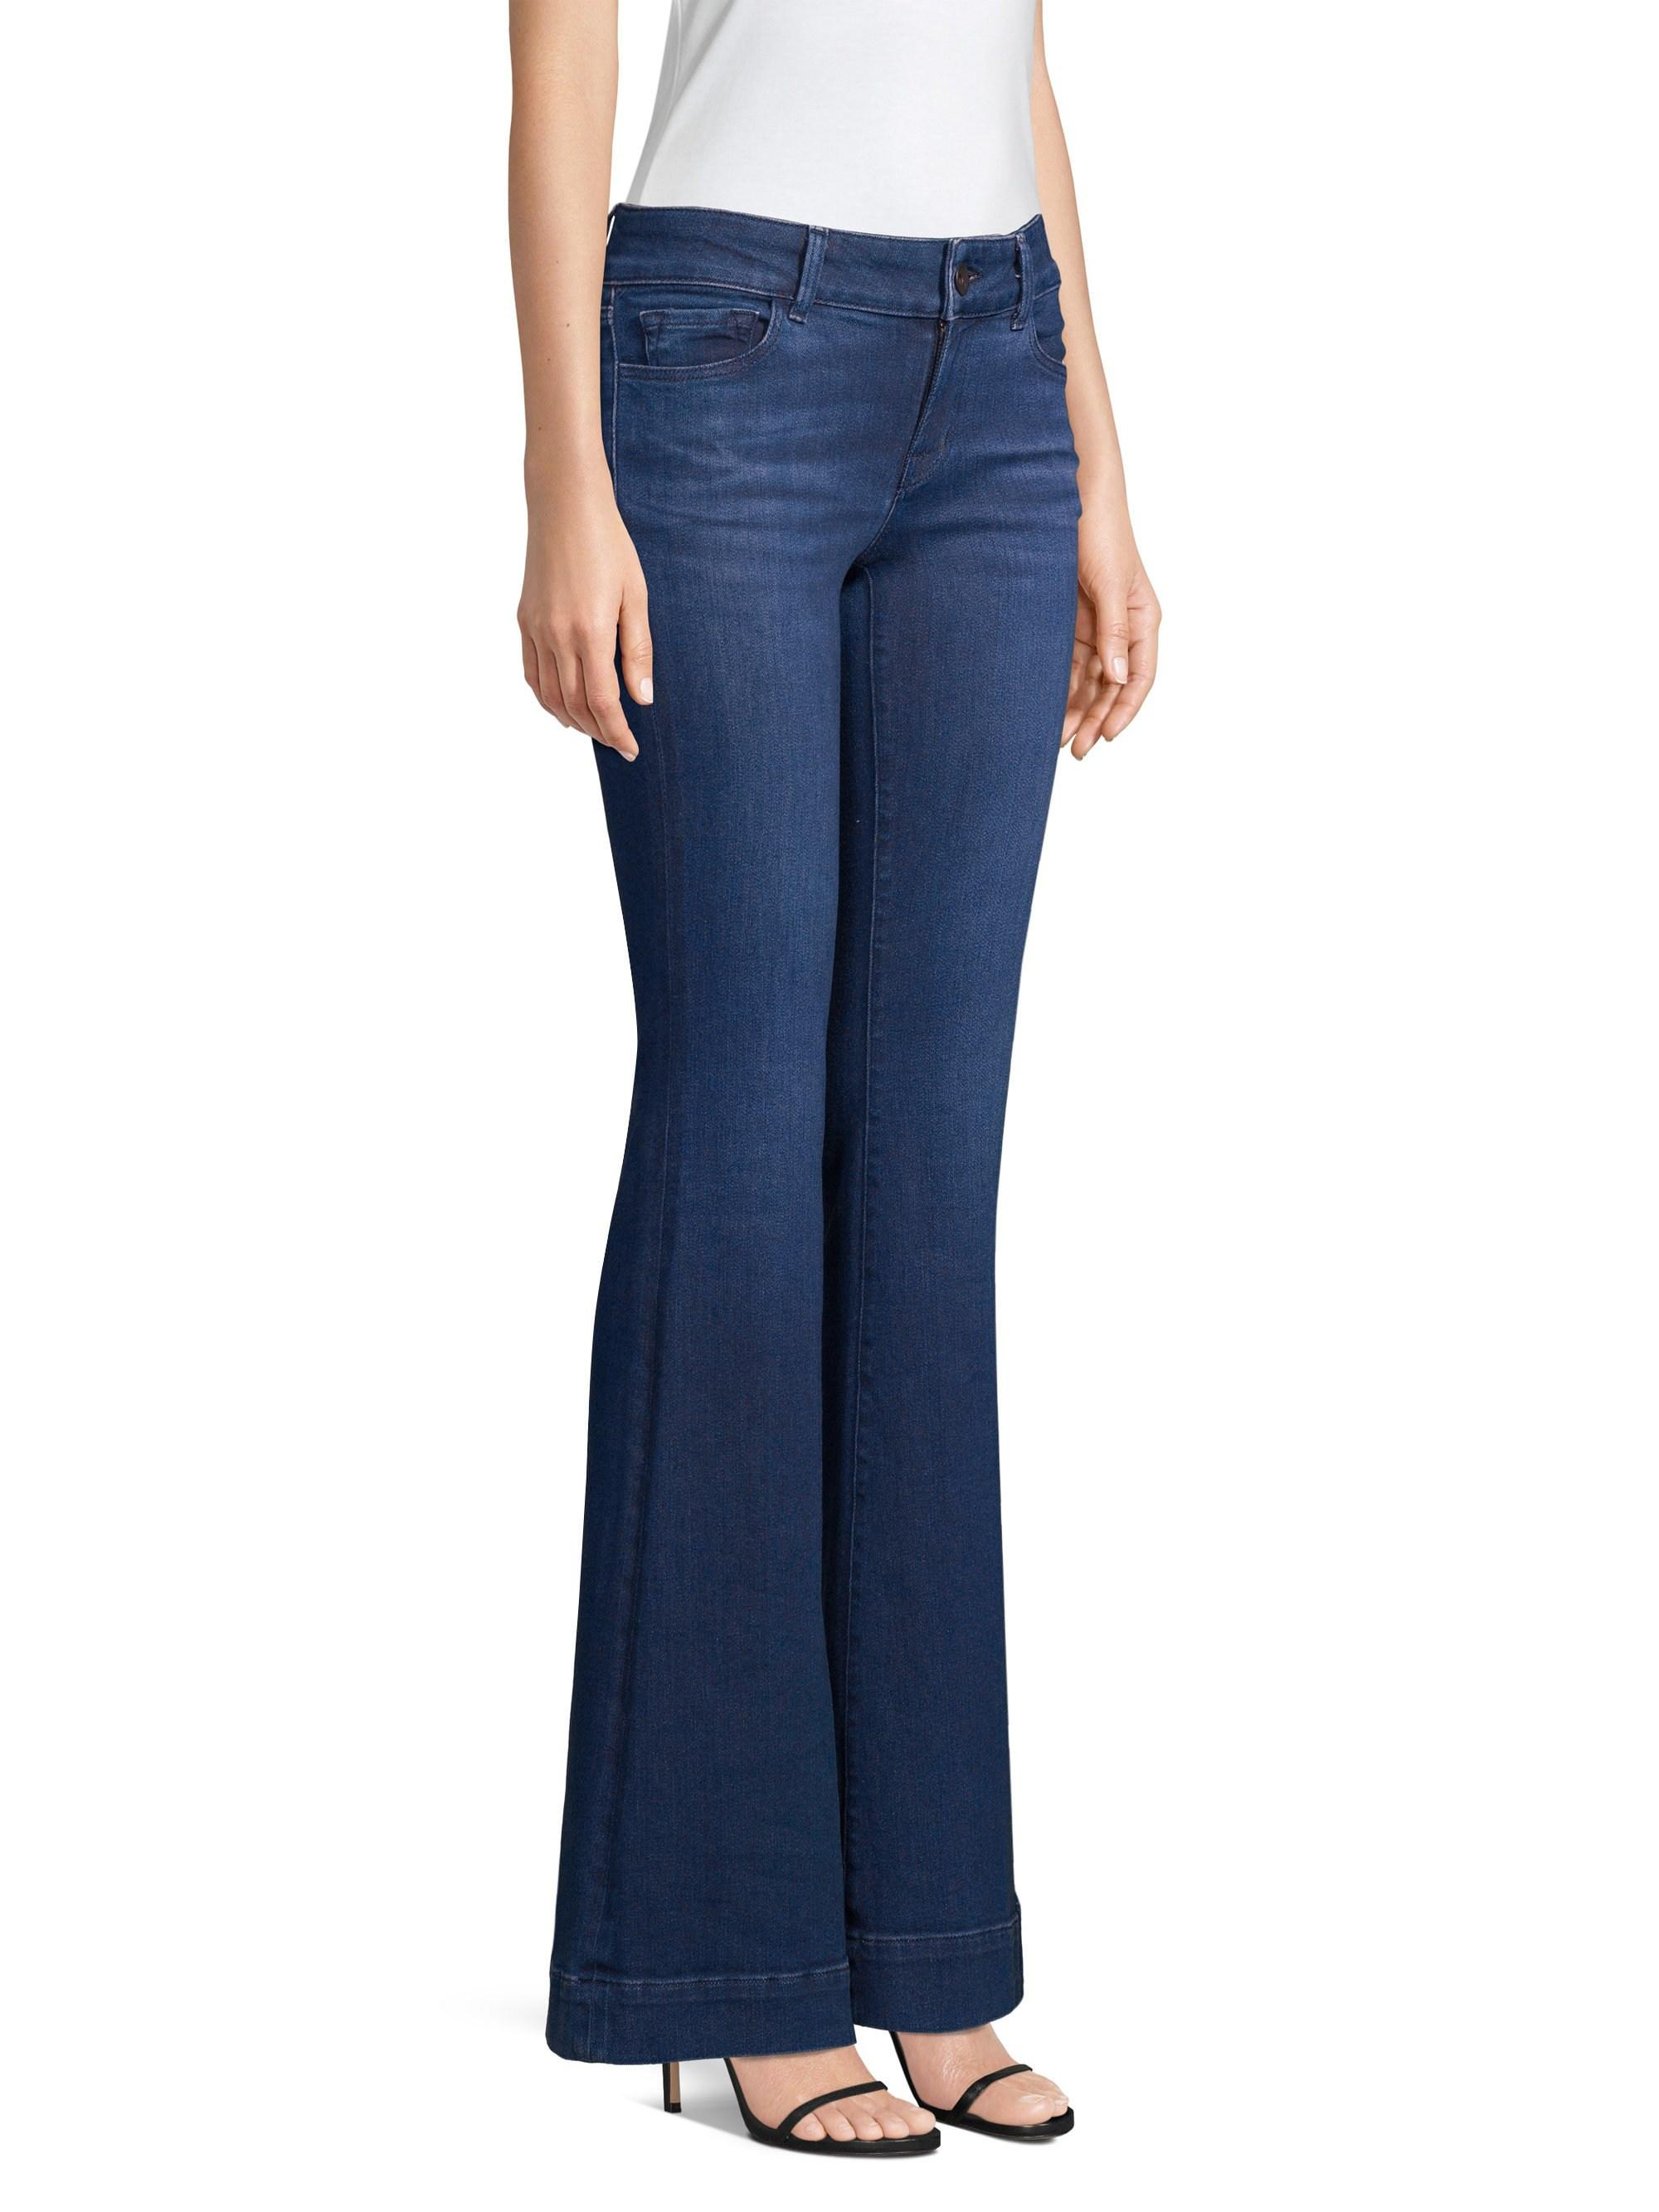 17c04b5ed6bd J Brand - Blue Women s Lovestory Flare Jeans - Nebular - Size 30 (8). View  fullscreen